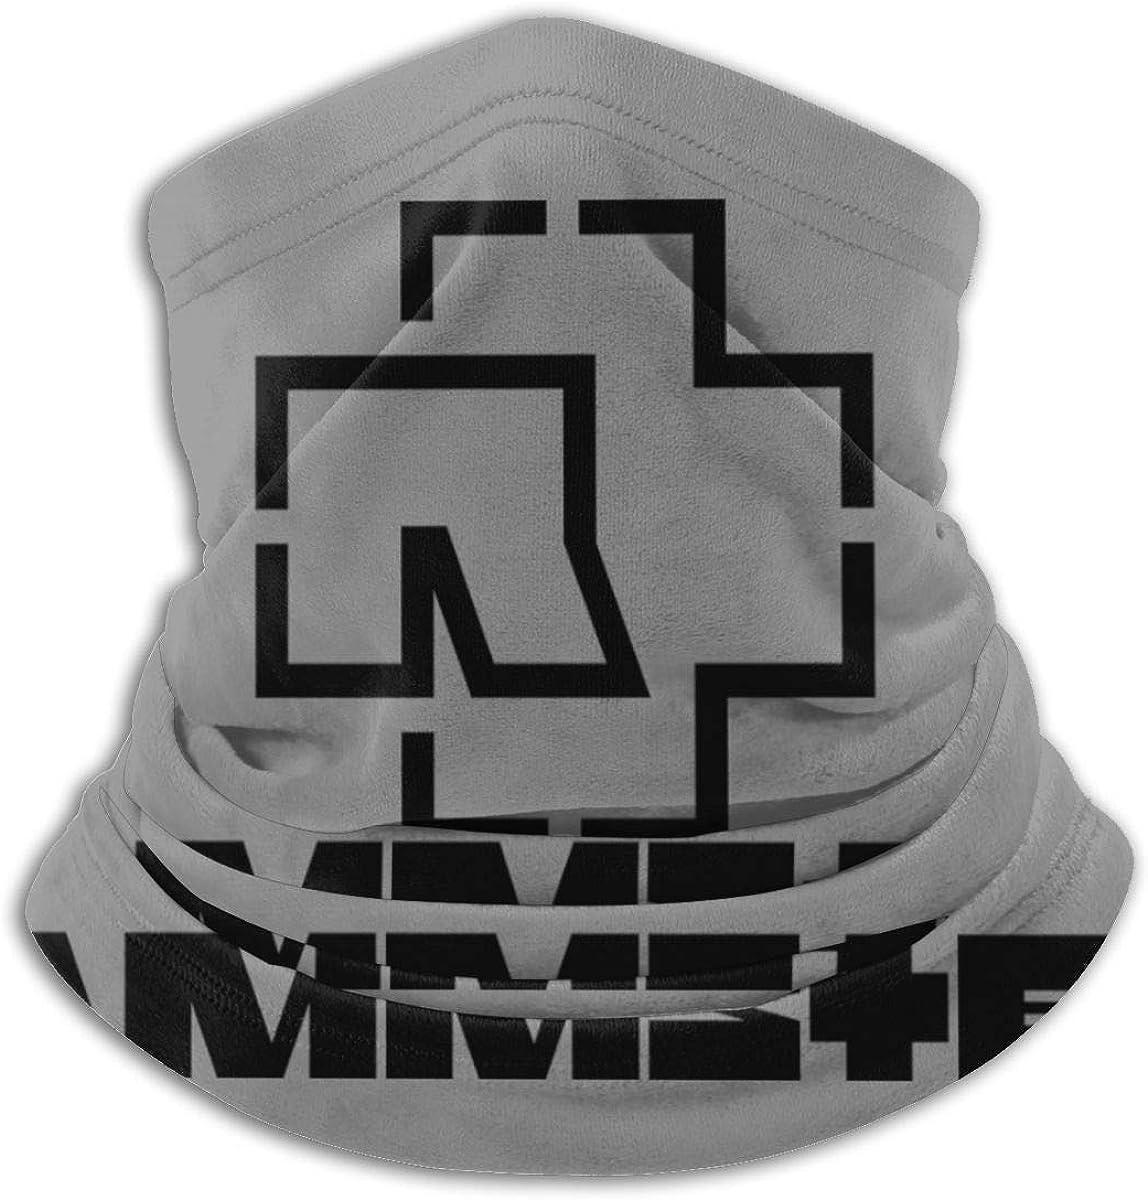 N A Ra Mms Tein Männer Frauen Mikrofaser Halswärmer Gamasche Dehnbare Gesichtsbedeckung Halbmaske Schlauch Schal Vielseitigkeit Bandana Stirnband Kopfbedeckung Sturmhaube Bekleidung